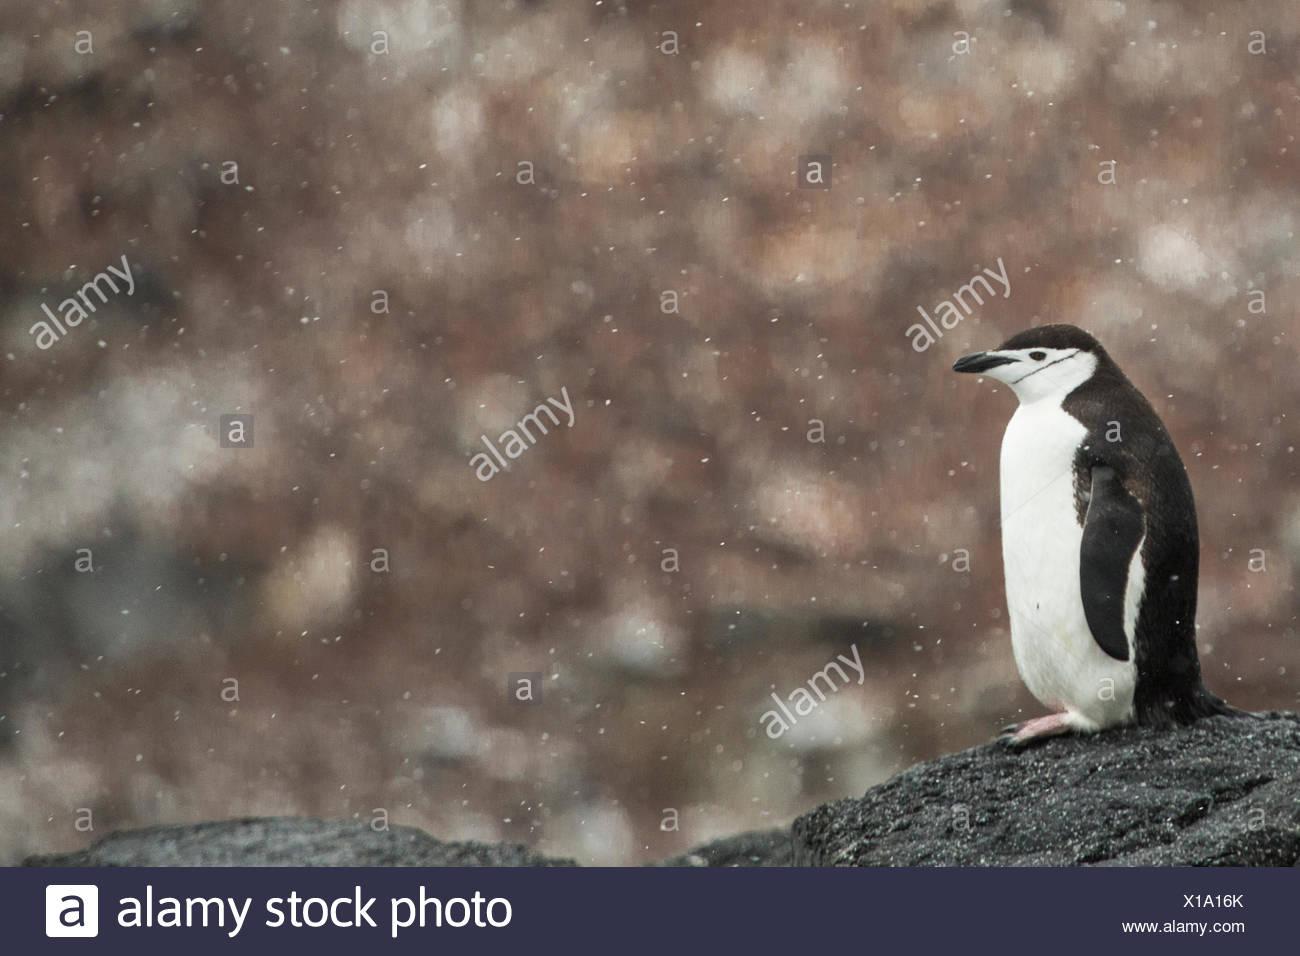 Une jugulaire penguin, Pygoscelis antarctica, une légère averse de neige. Photo Stock